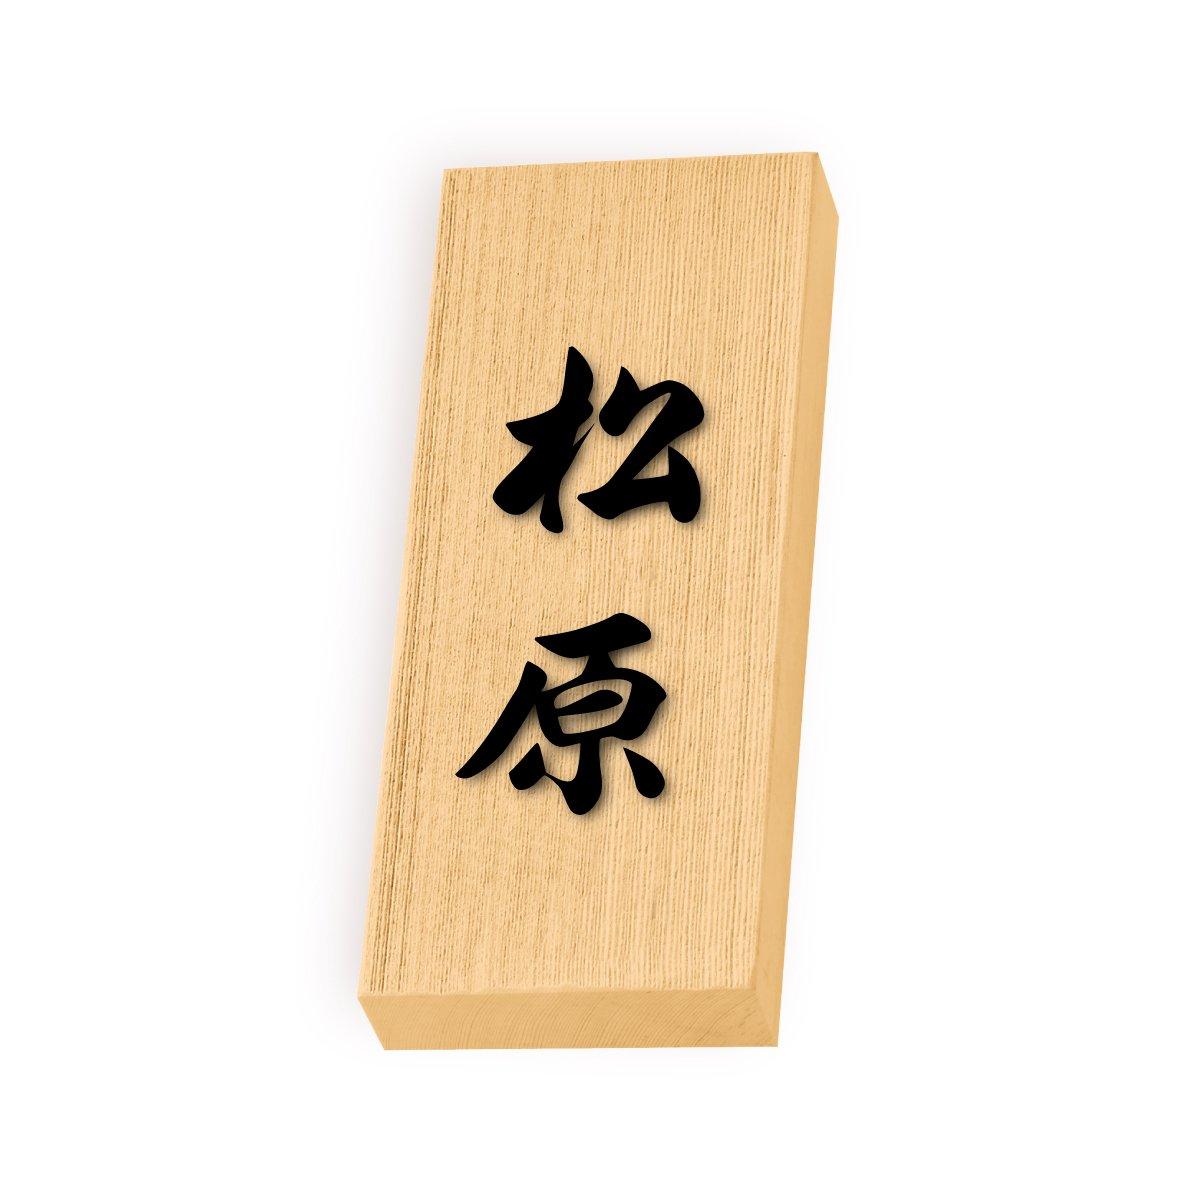 丸三タカギ 彫り込み済表札 天然銘木 特7UH-8-4-松原 彫り込み名字: 松原 【完成品】   B00SMD7622